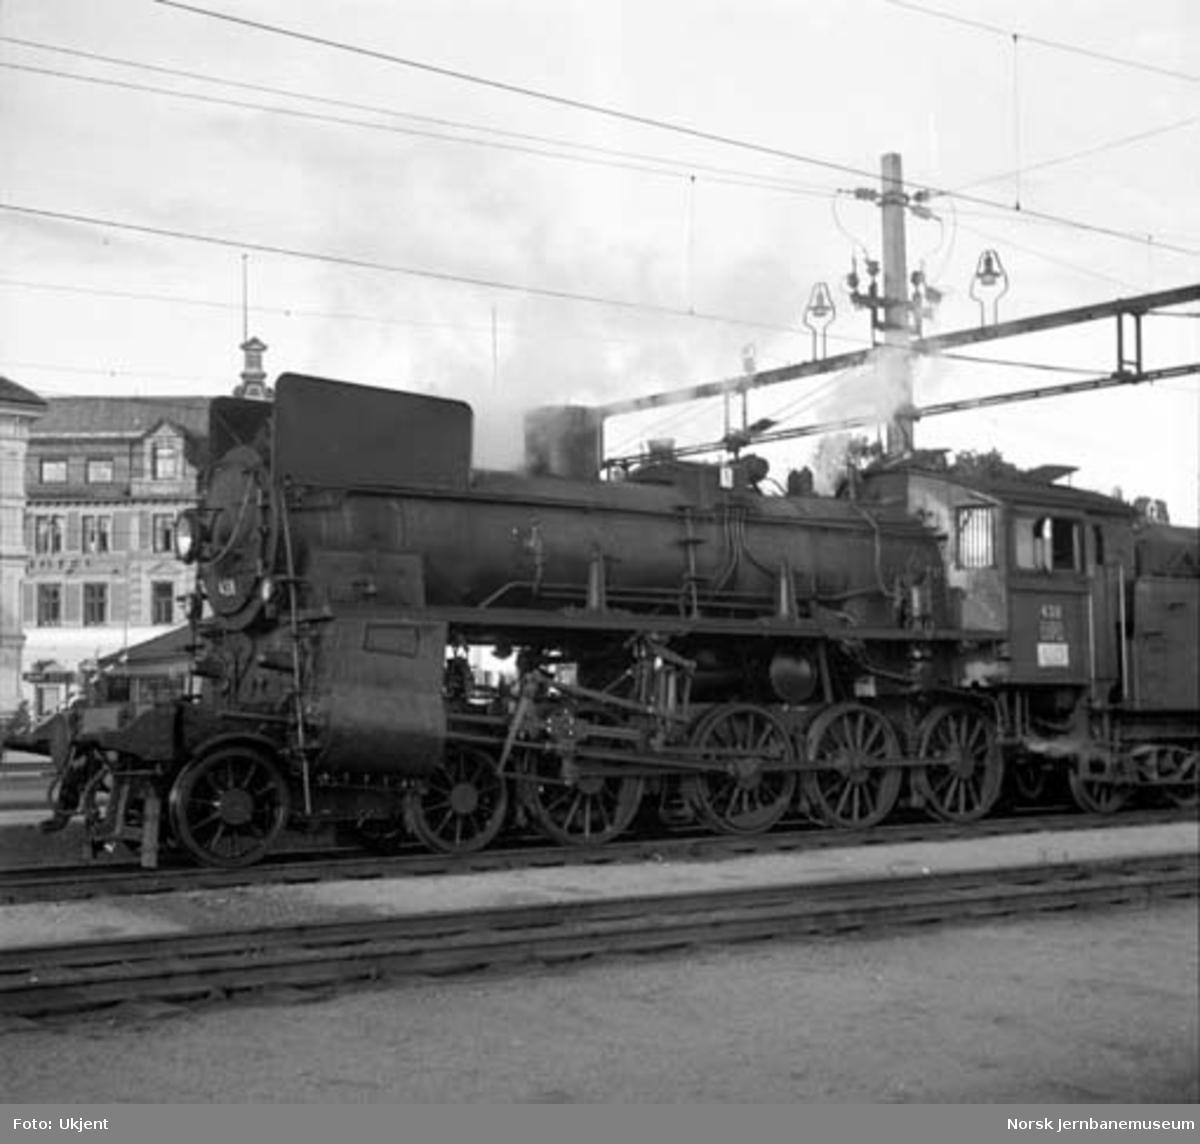 Damplokomotiv type 26c nr. 438